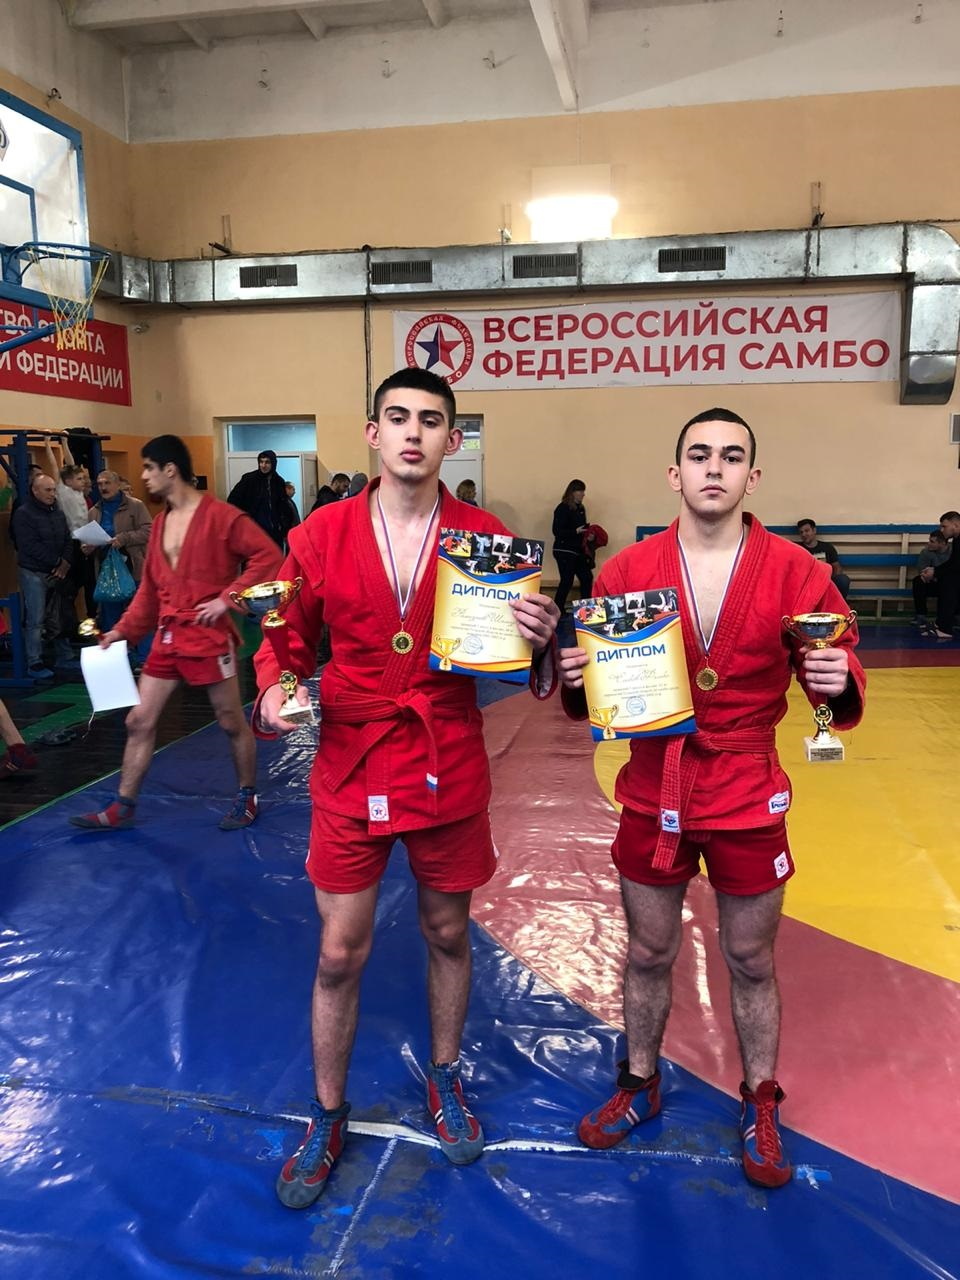 Чемпионат и первенство Тульской области по борьбе прошли в минувшие выходные в Туле